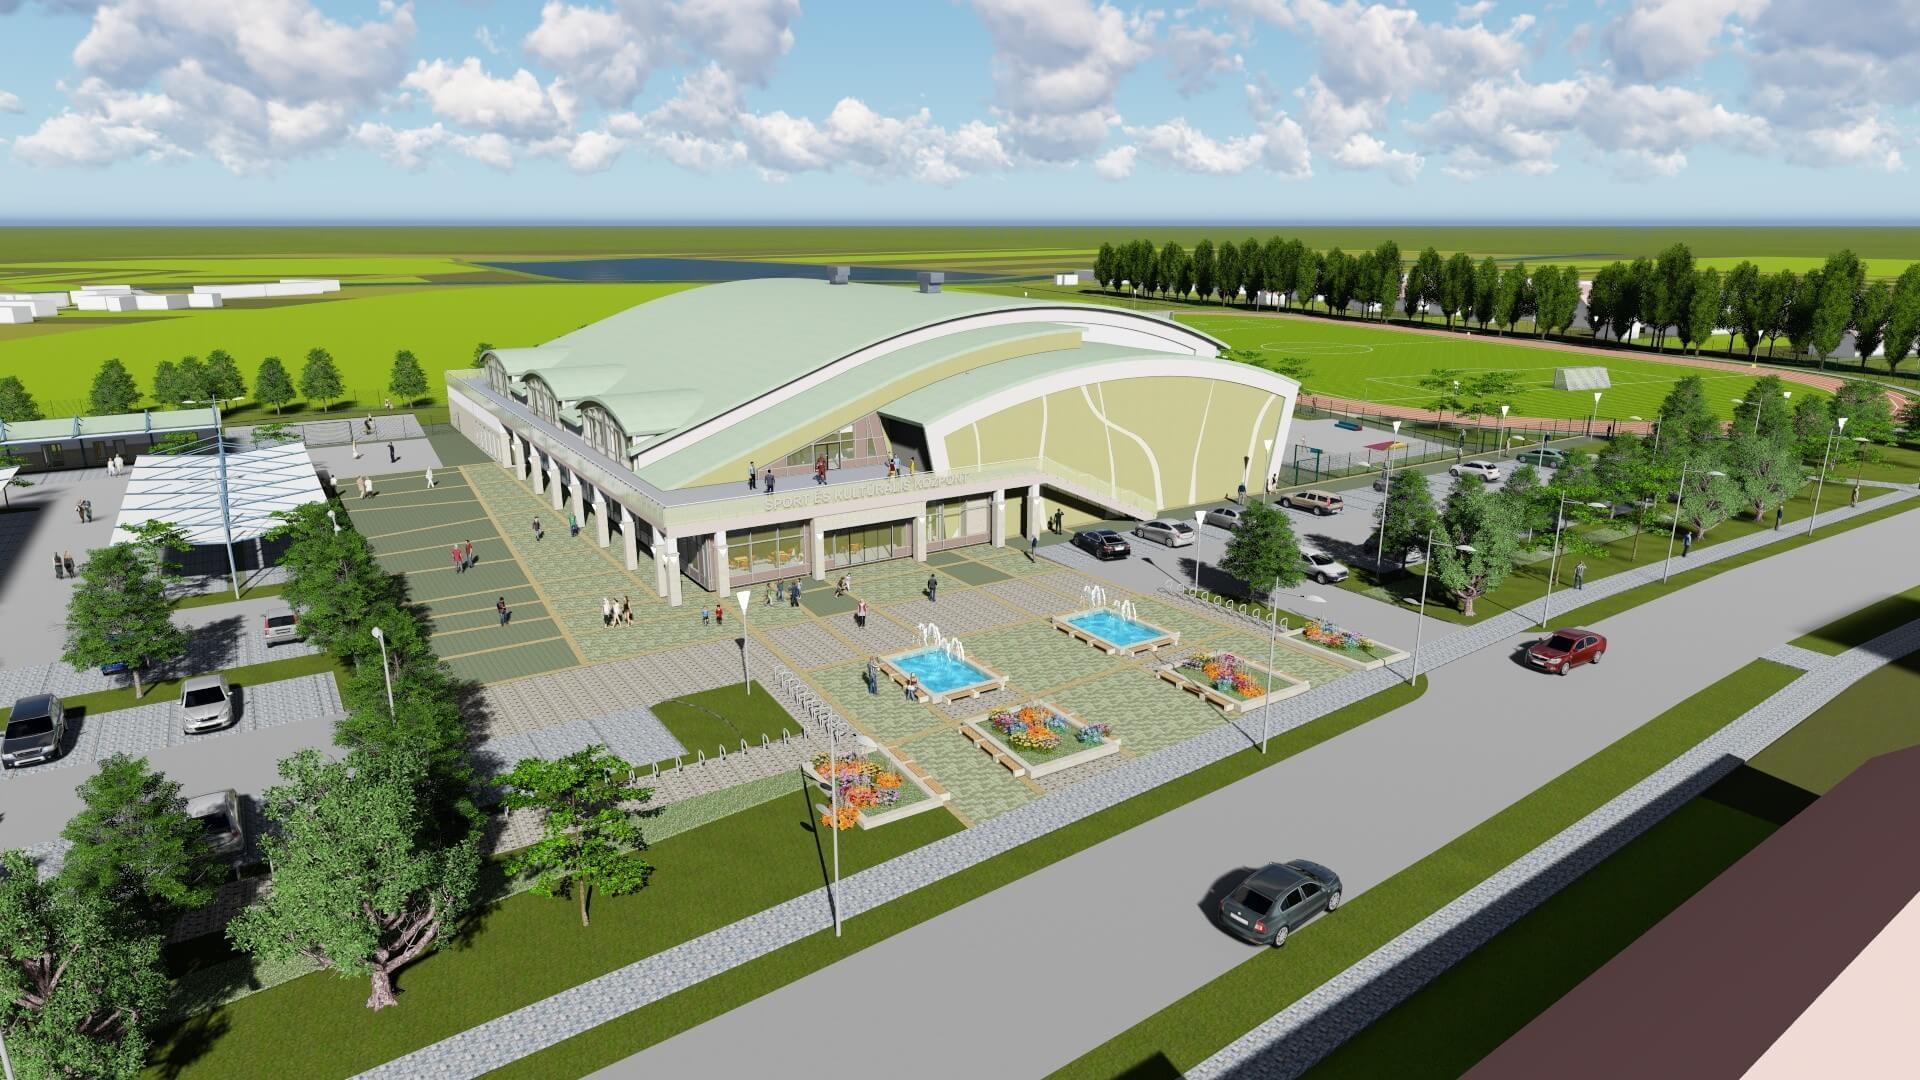 Különleges sportközpont épül ki Sárvár rozsdaövezetében